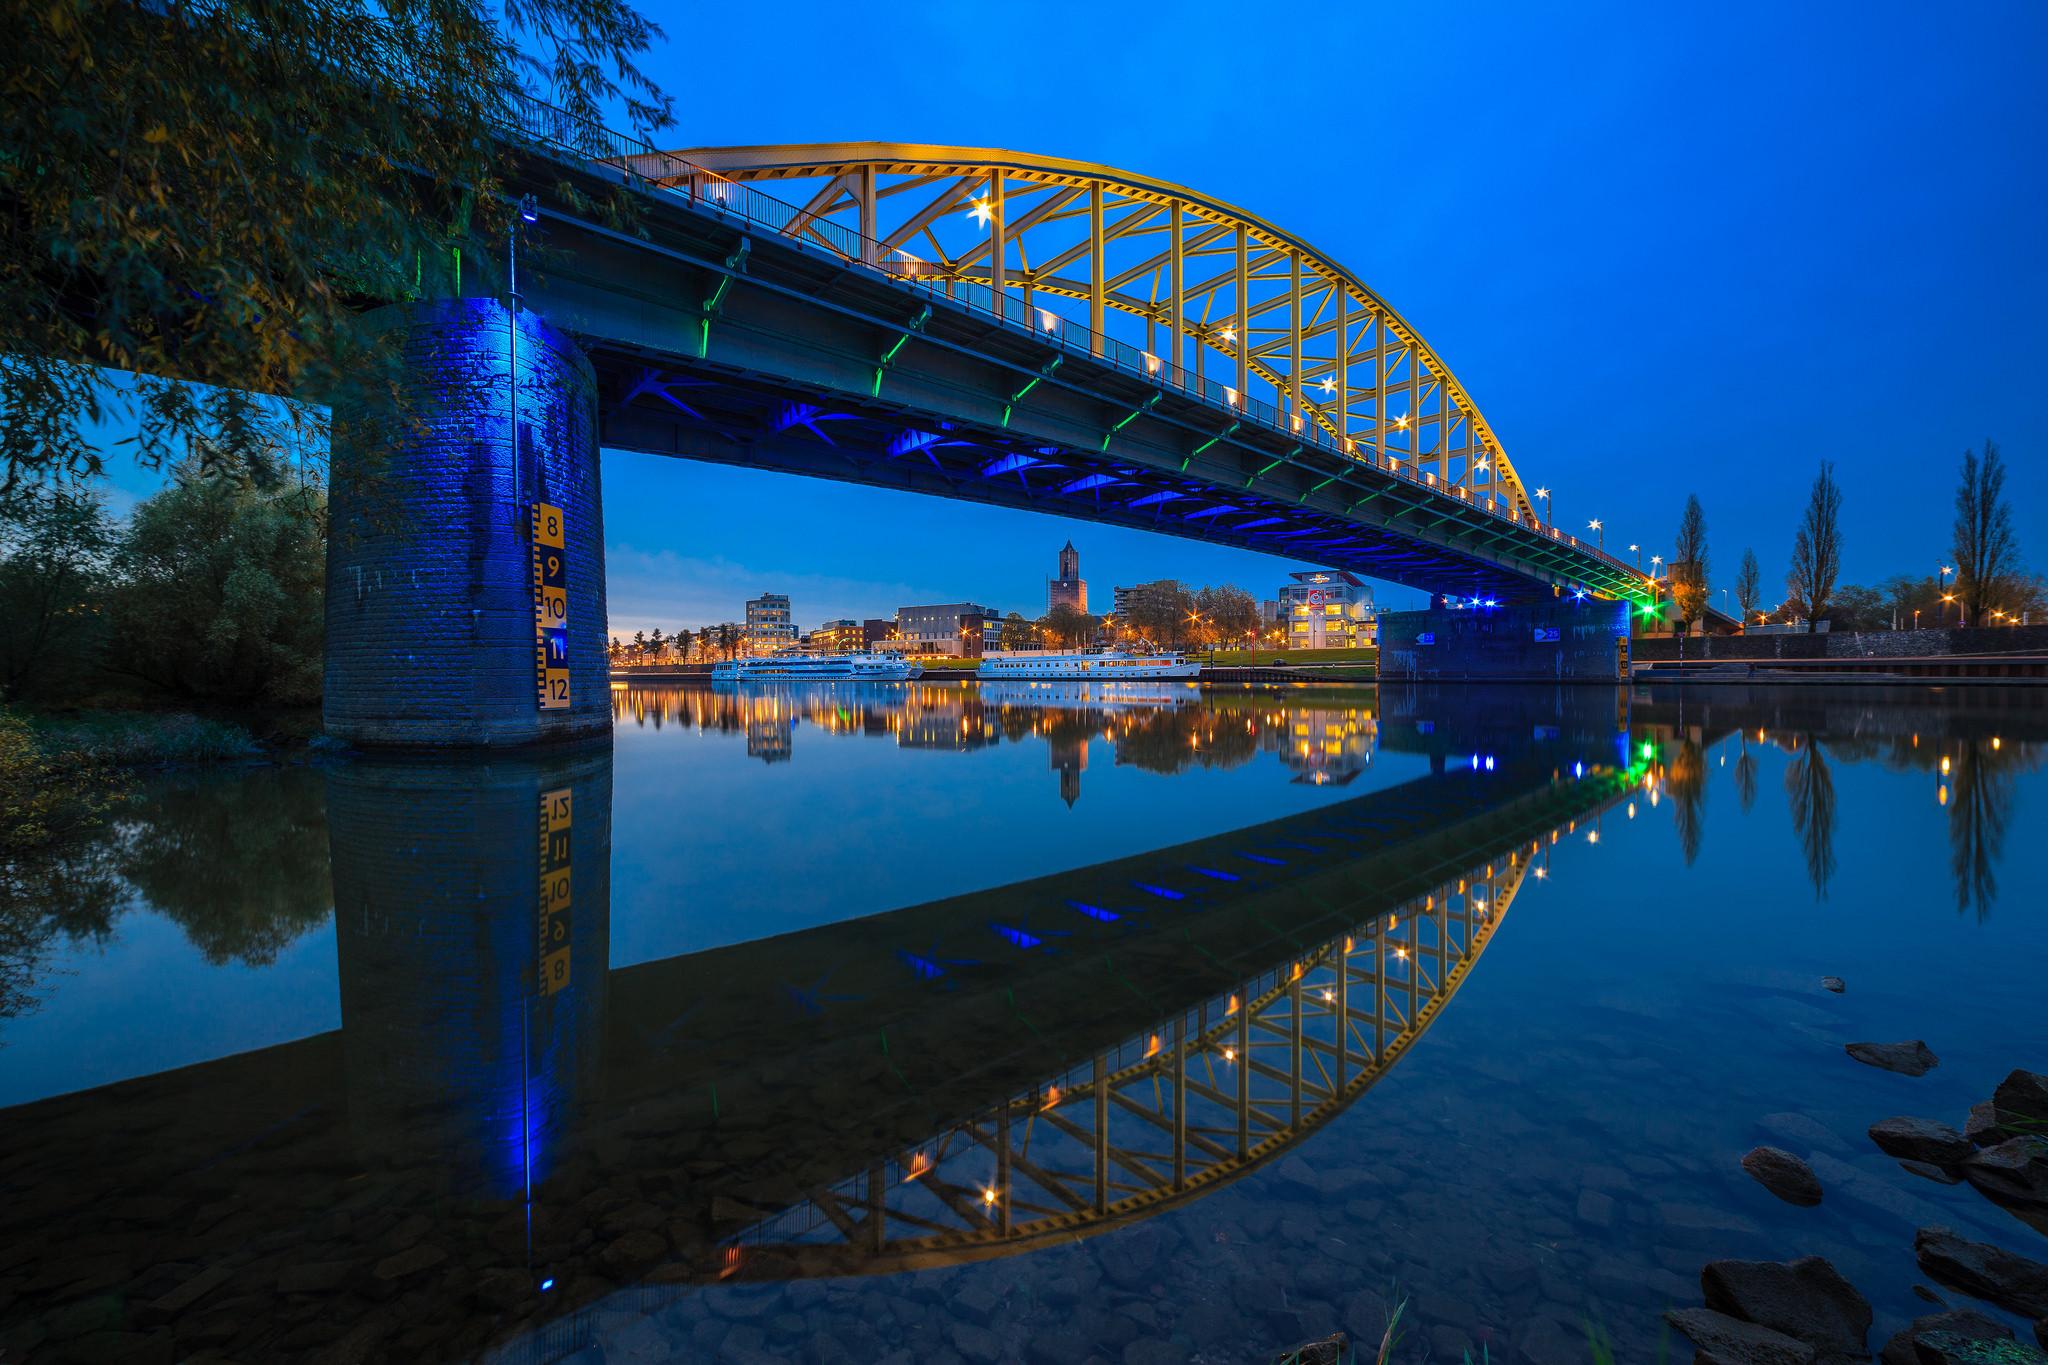 обои Рейн, Гельдерланд, Арнем, Нидерланды картинки фото